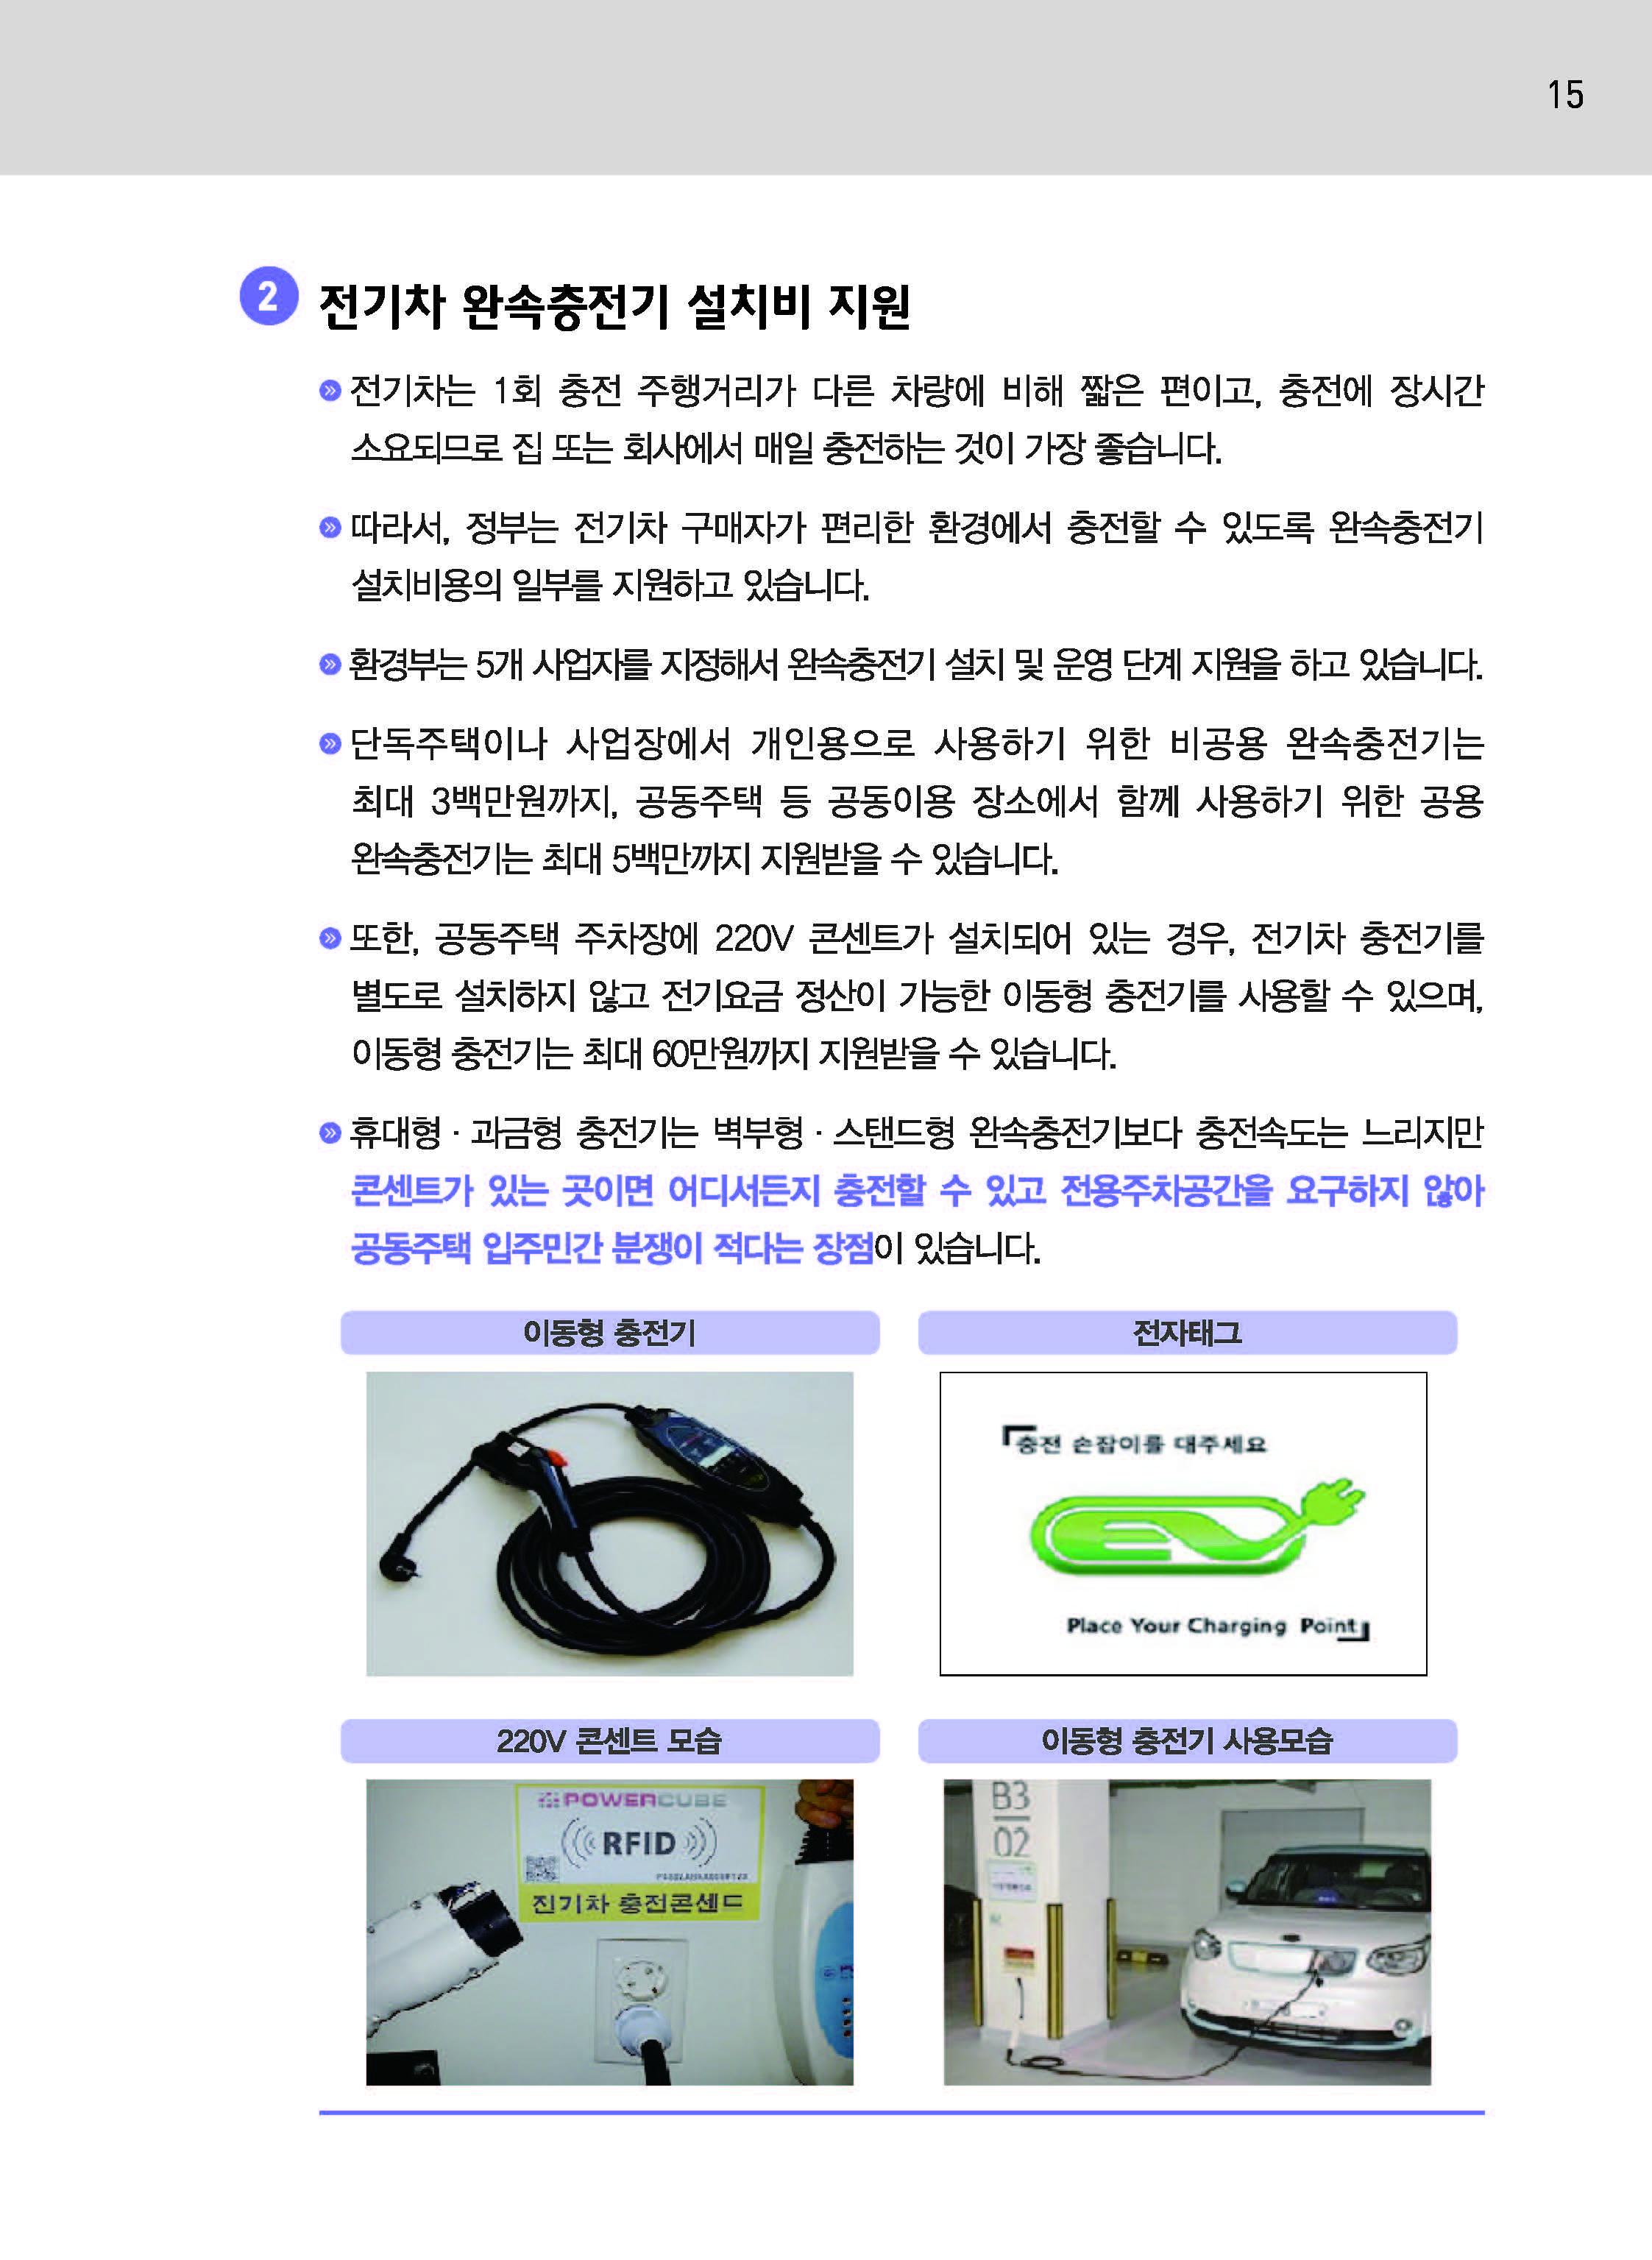 친환경자동차 구매가이드(Ver20170821)_페이지_15.jpg